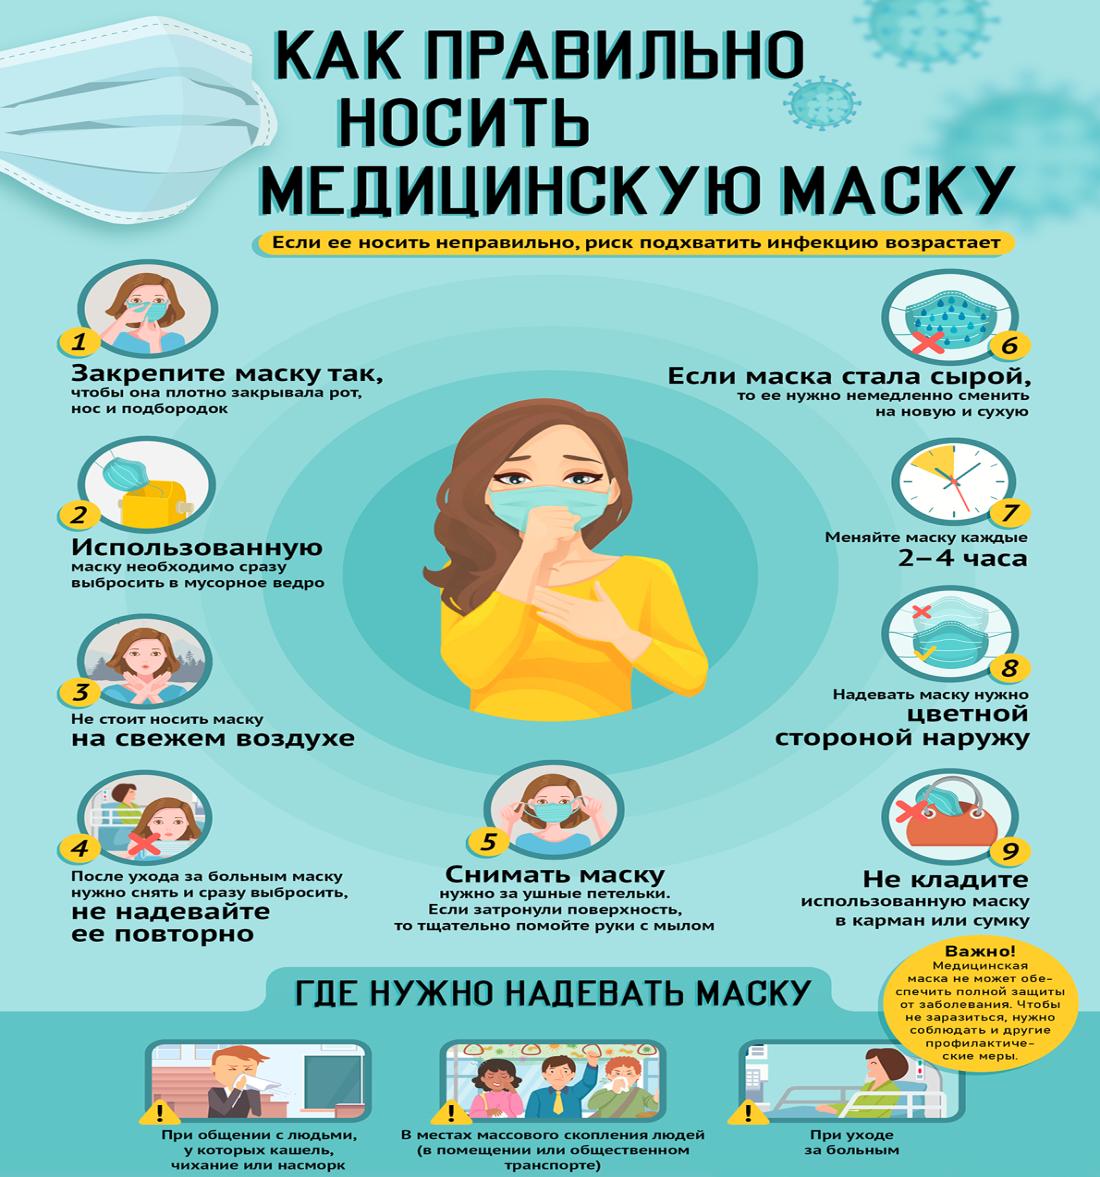 https://ds05.infourok.ru/uploads/ex/04f7/00128f0e-dea97750/hello_html_5a12bb89.png